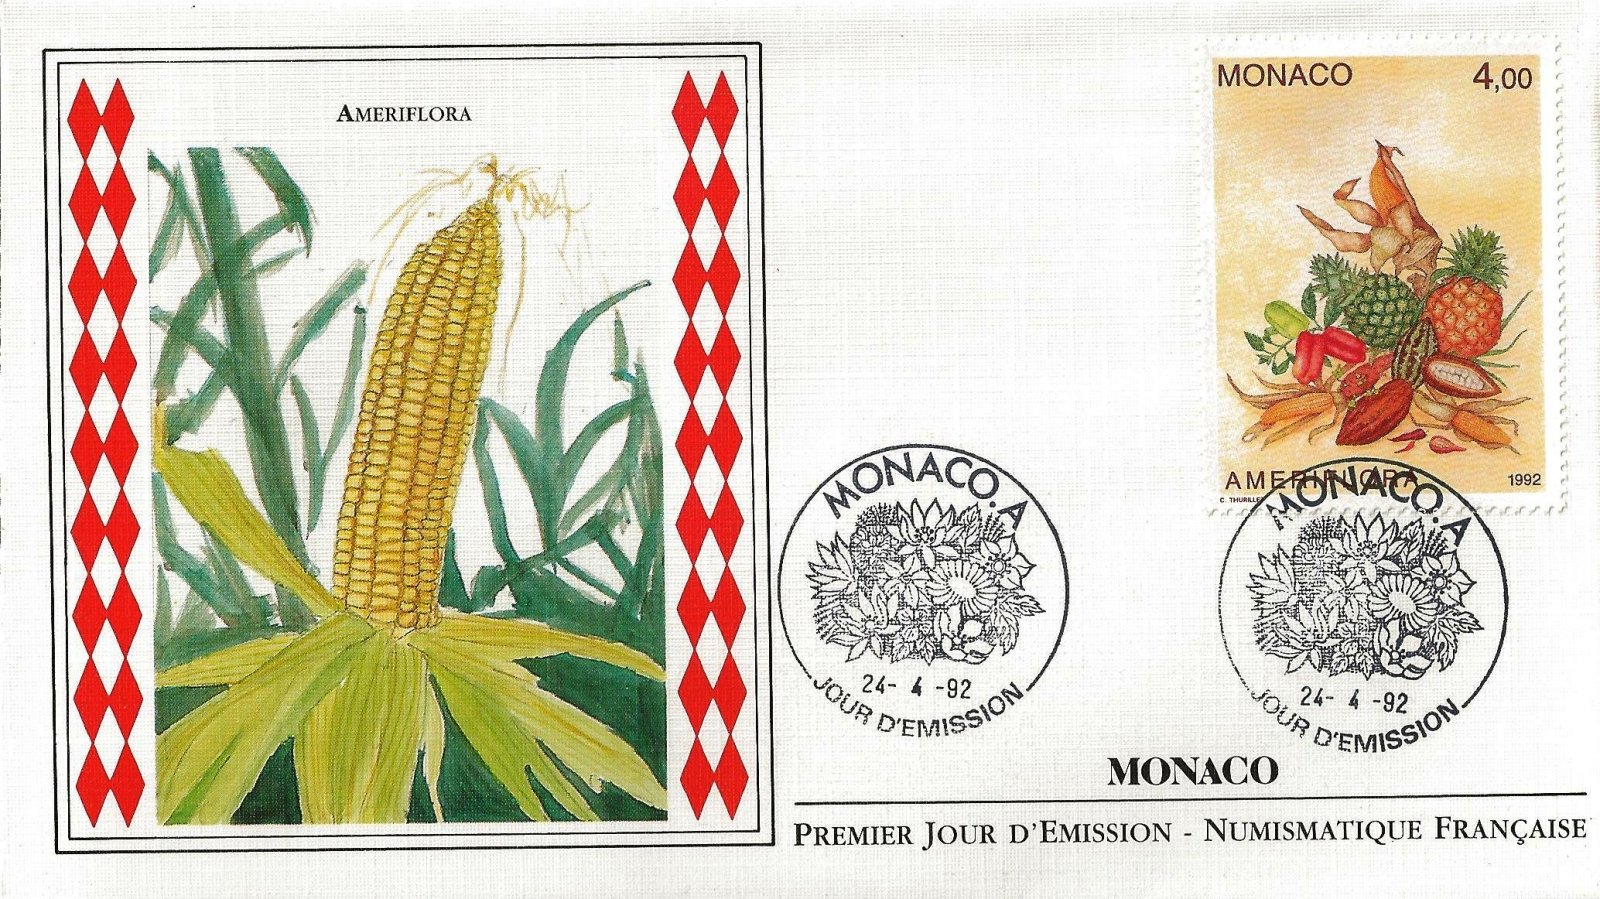 1992 AMERIFLORA MONACO